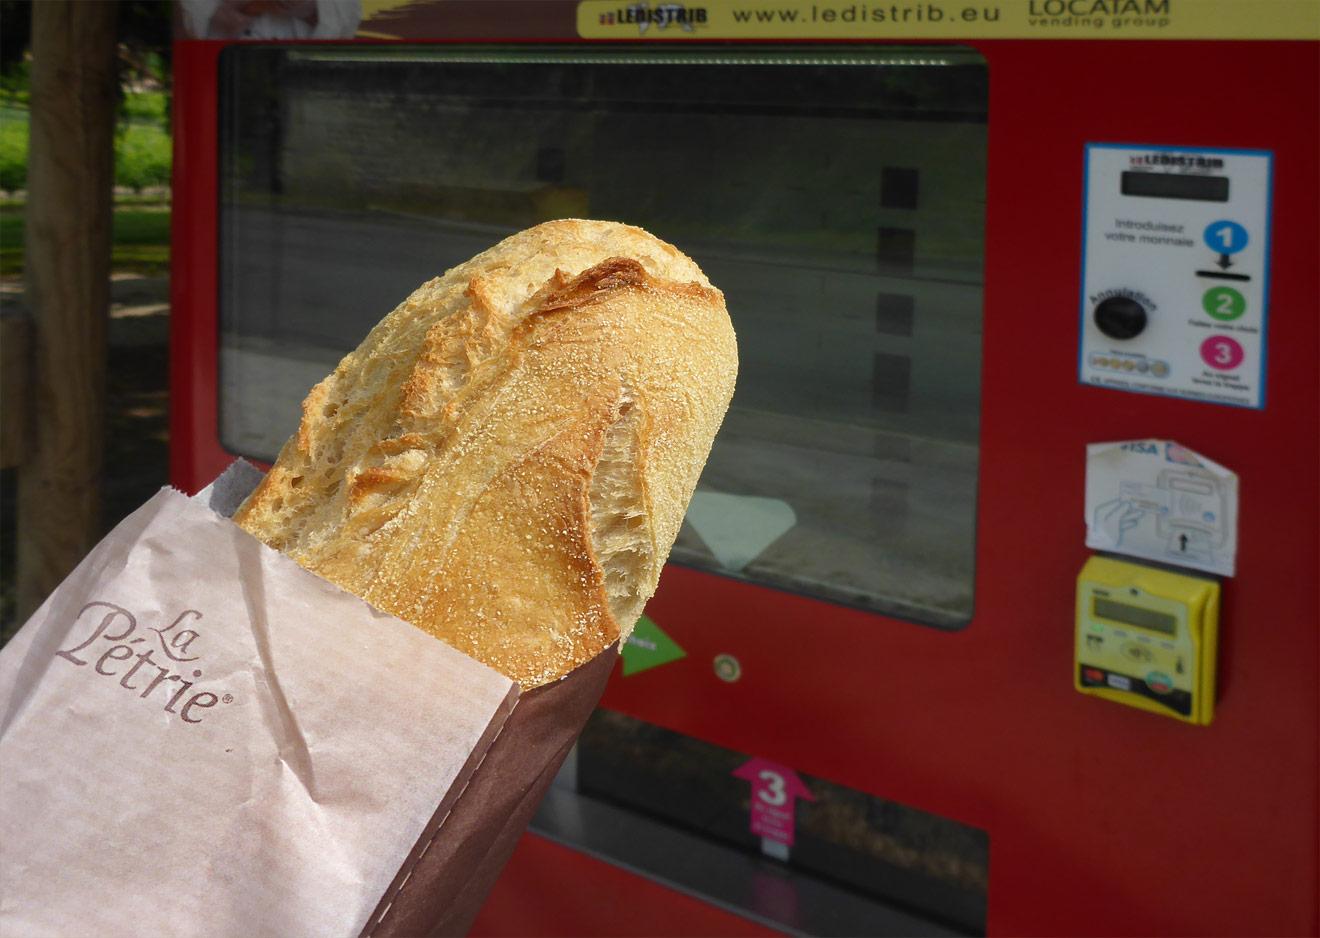 Baguette aus dem Automaten